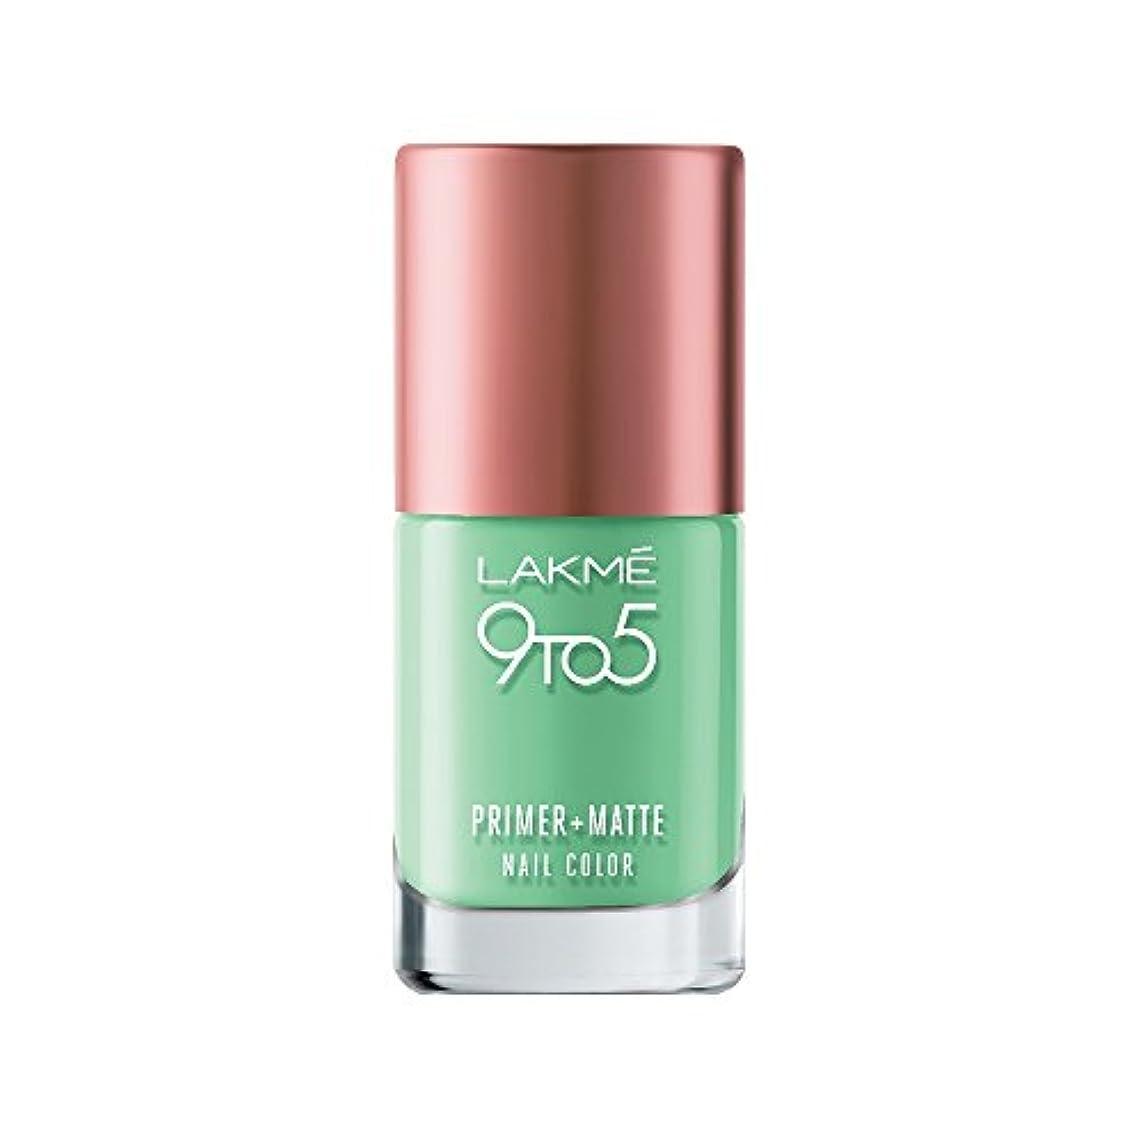 難しい報酬の織機Lakme 9 to 5 Primer and Matte Nail Color, Green, 9ml